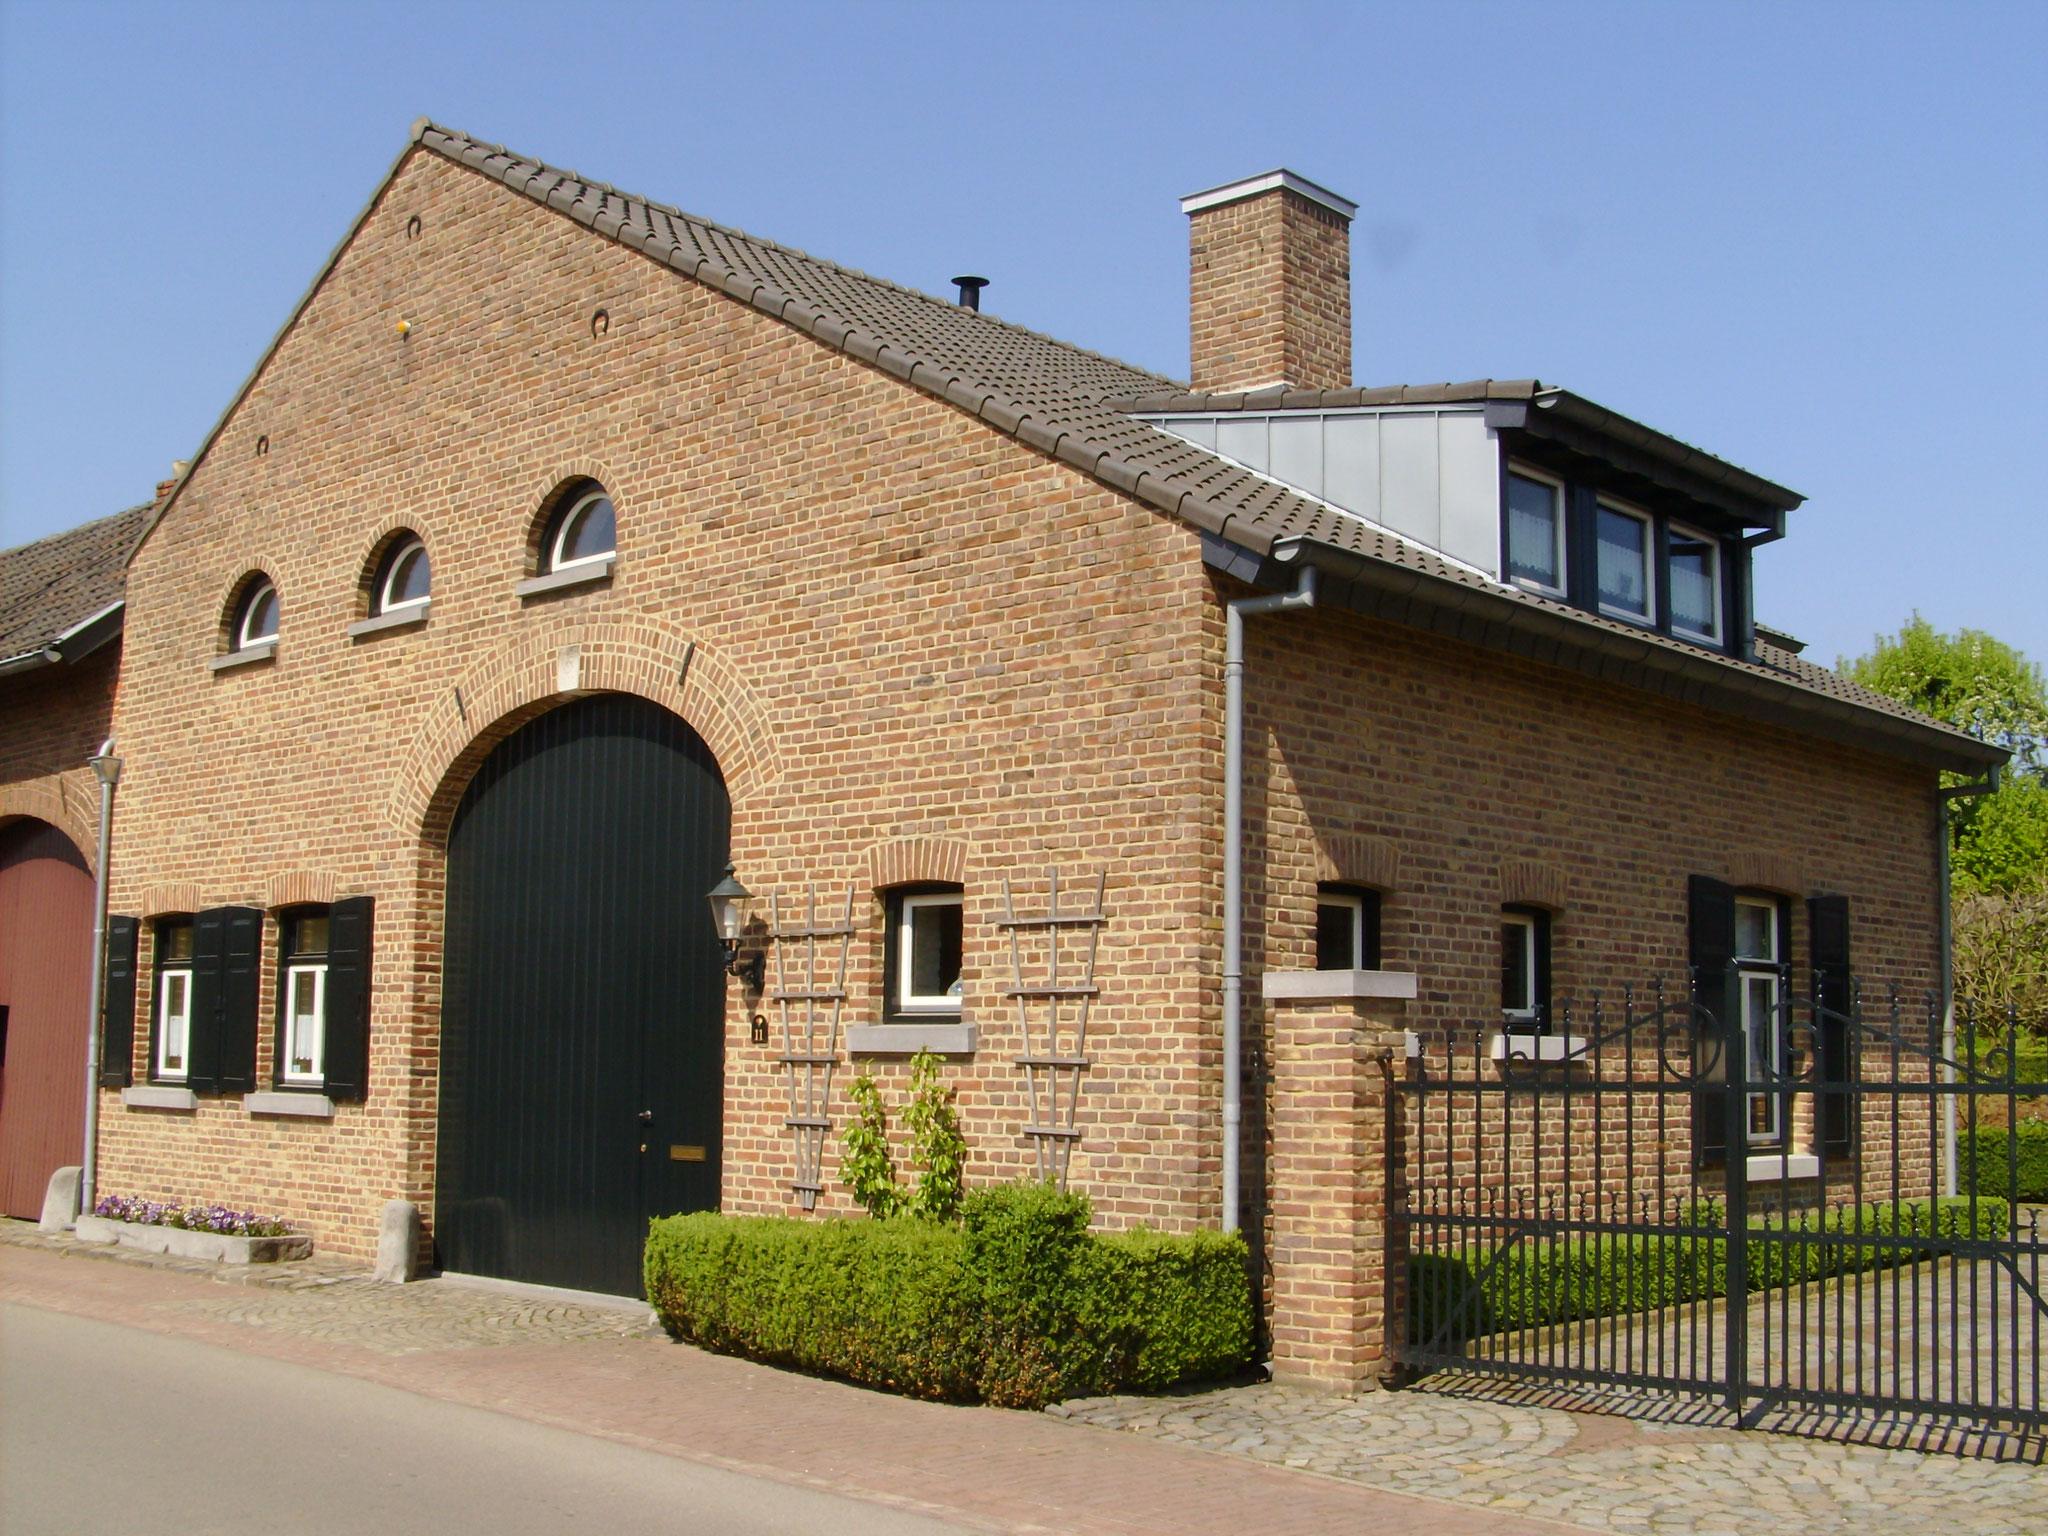 houten ramen, deuren en poorten in Banholt